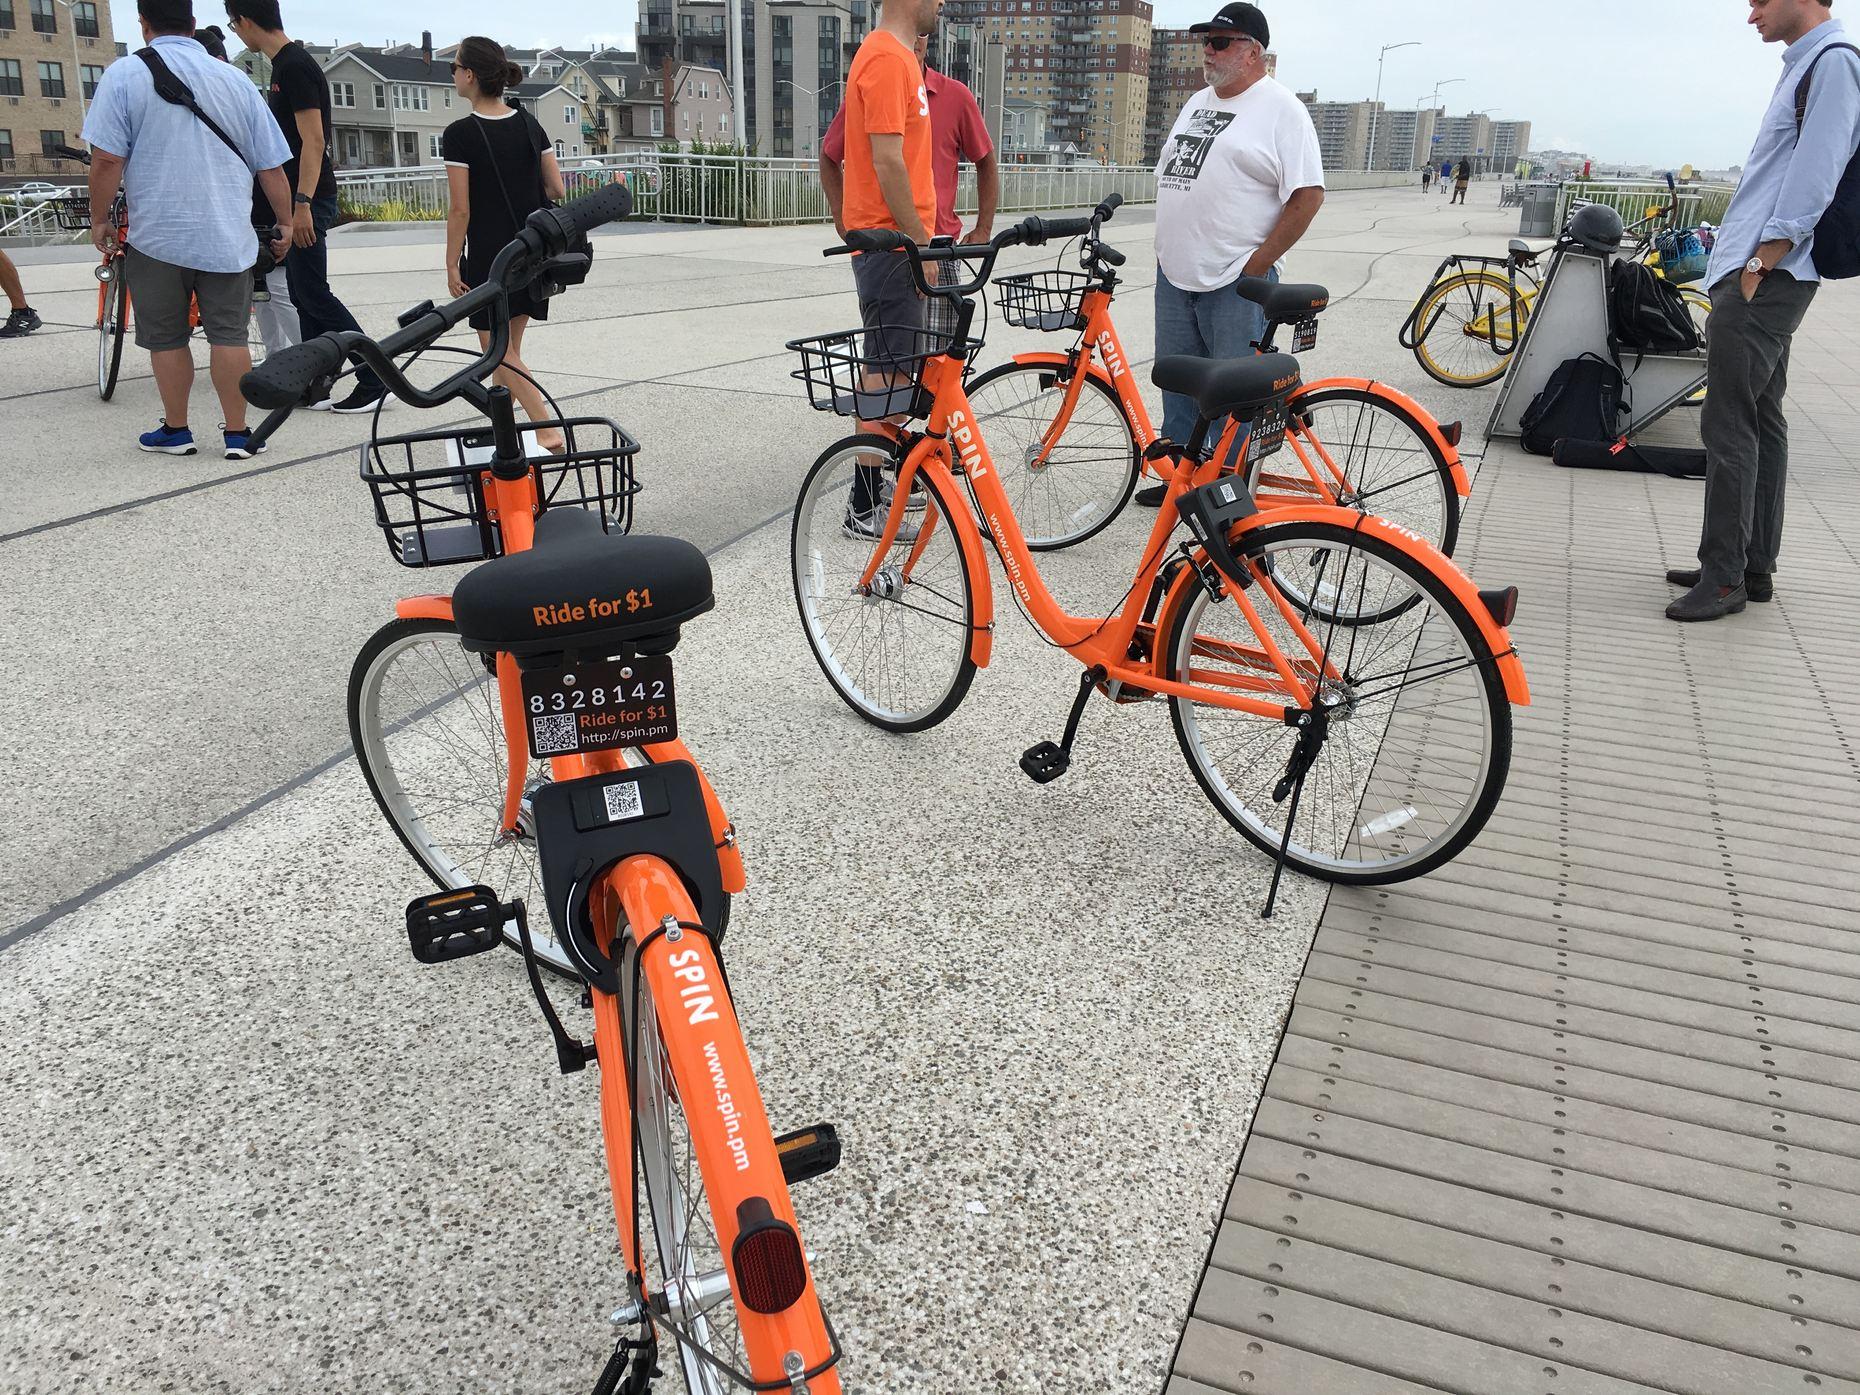 Bike Share Start Up Scraps Plans For Rockaways Pilot Wnyc News Wnyc